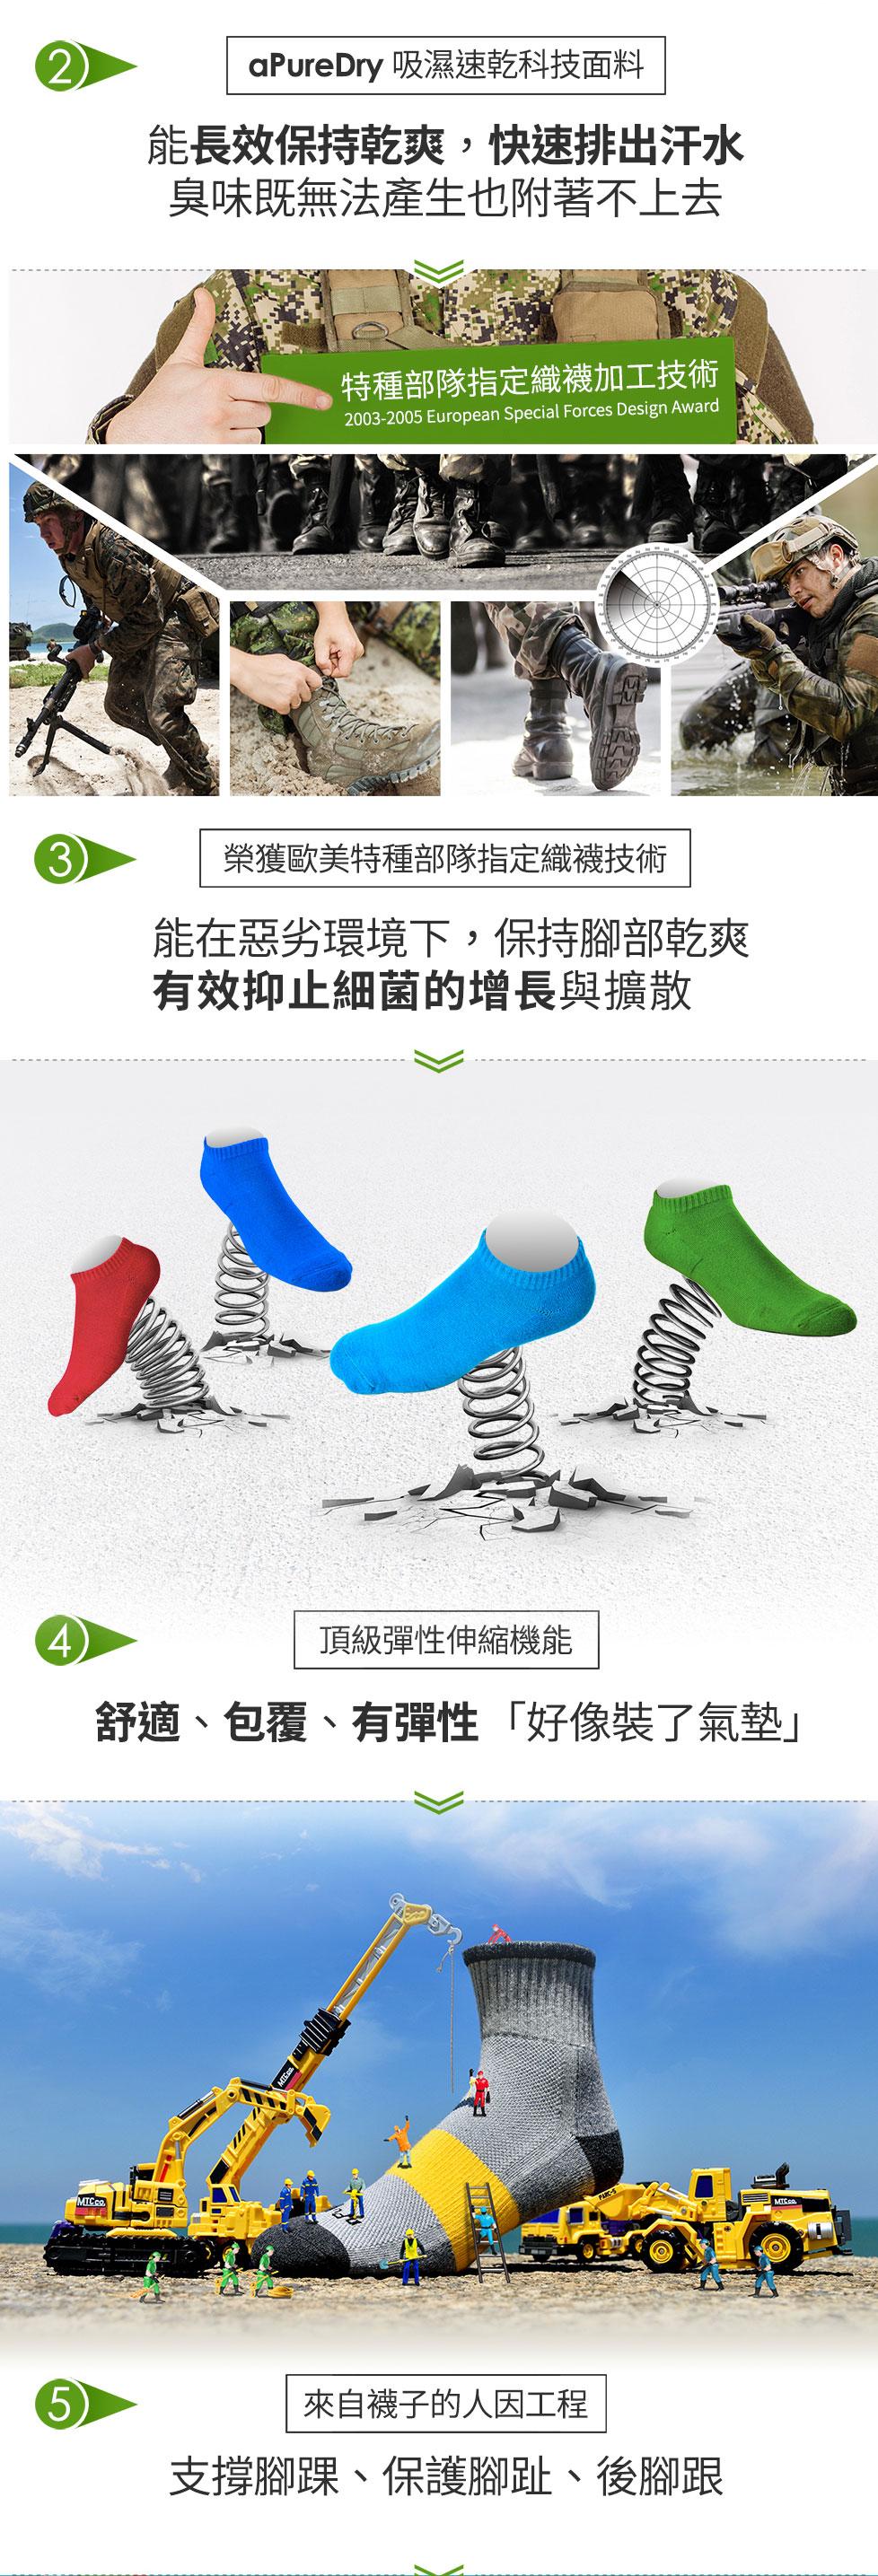 去除腳臭?只要一招選對襪子